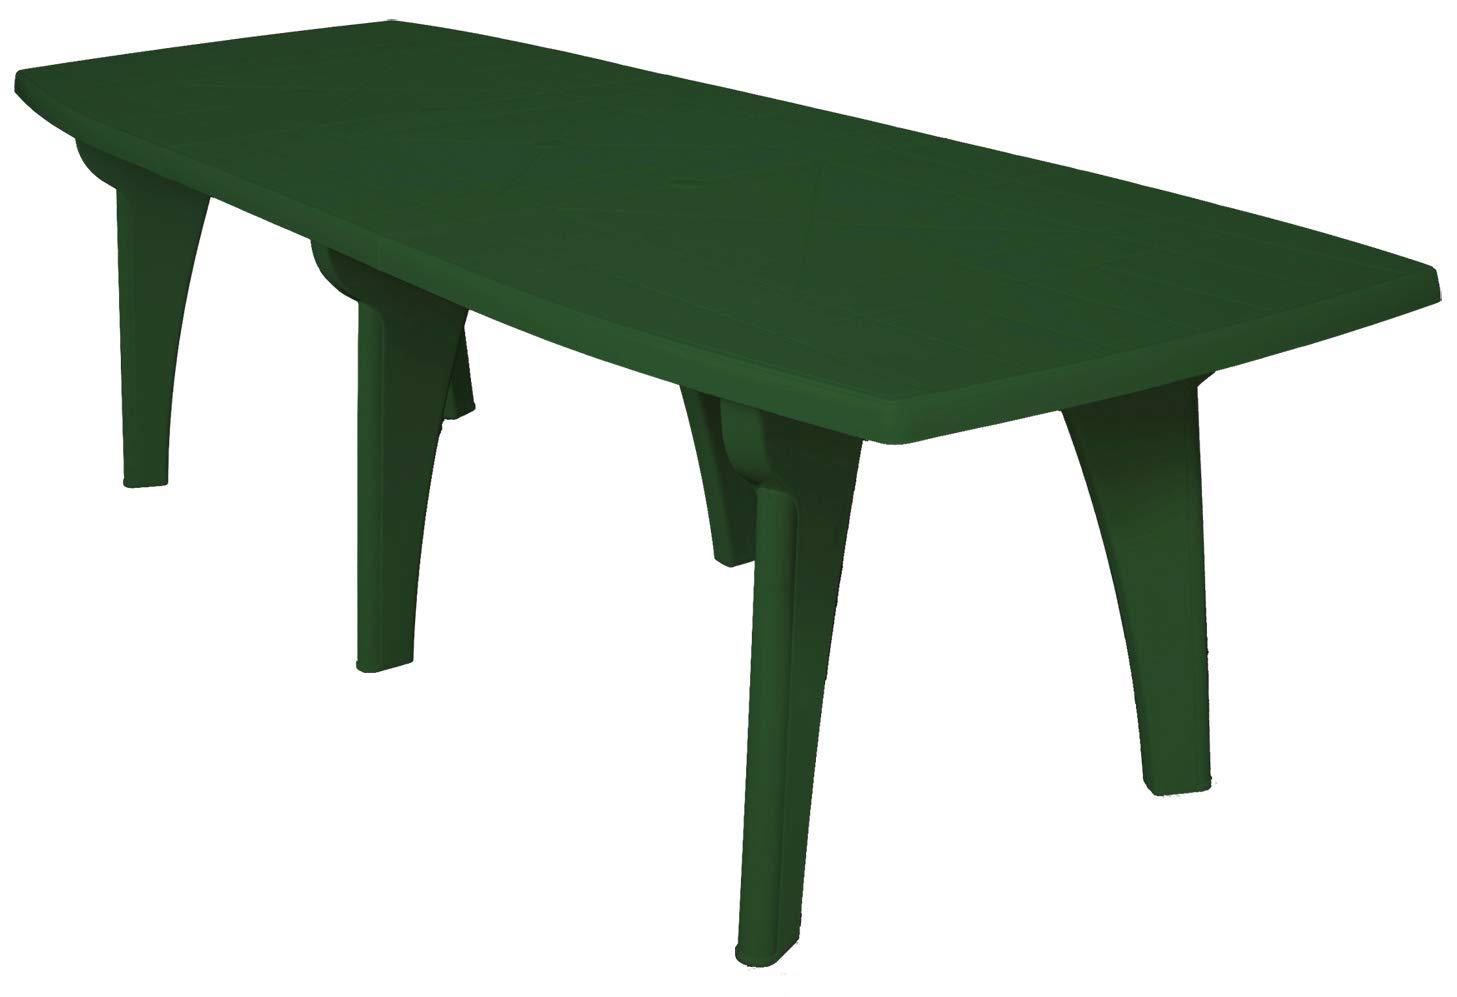 SAVINO FILIPPO SRL Tavolo tavolino rettangolare 250x90 Lipari in dura resina di plastica verde con foro per ombrellone per esterno casa balcone bar sagra da giardino